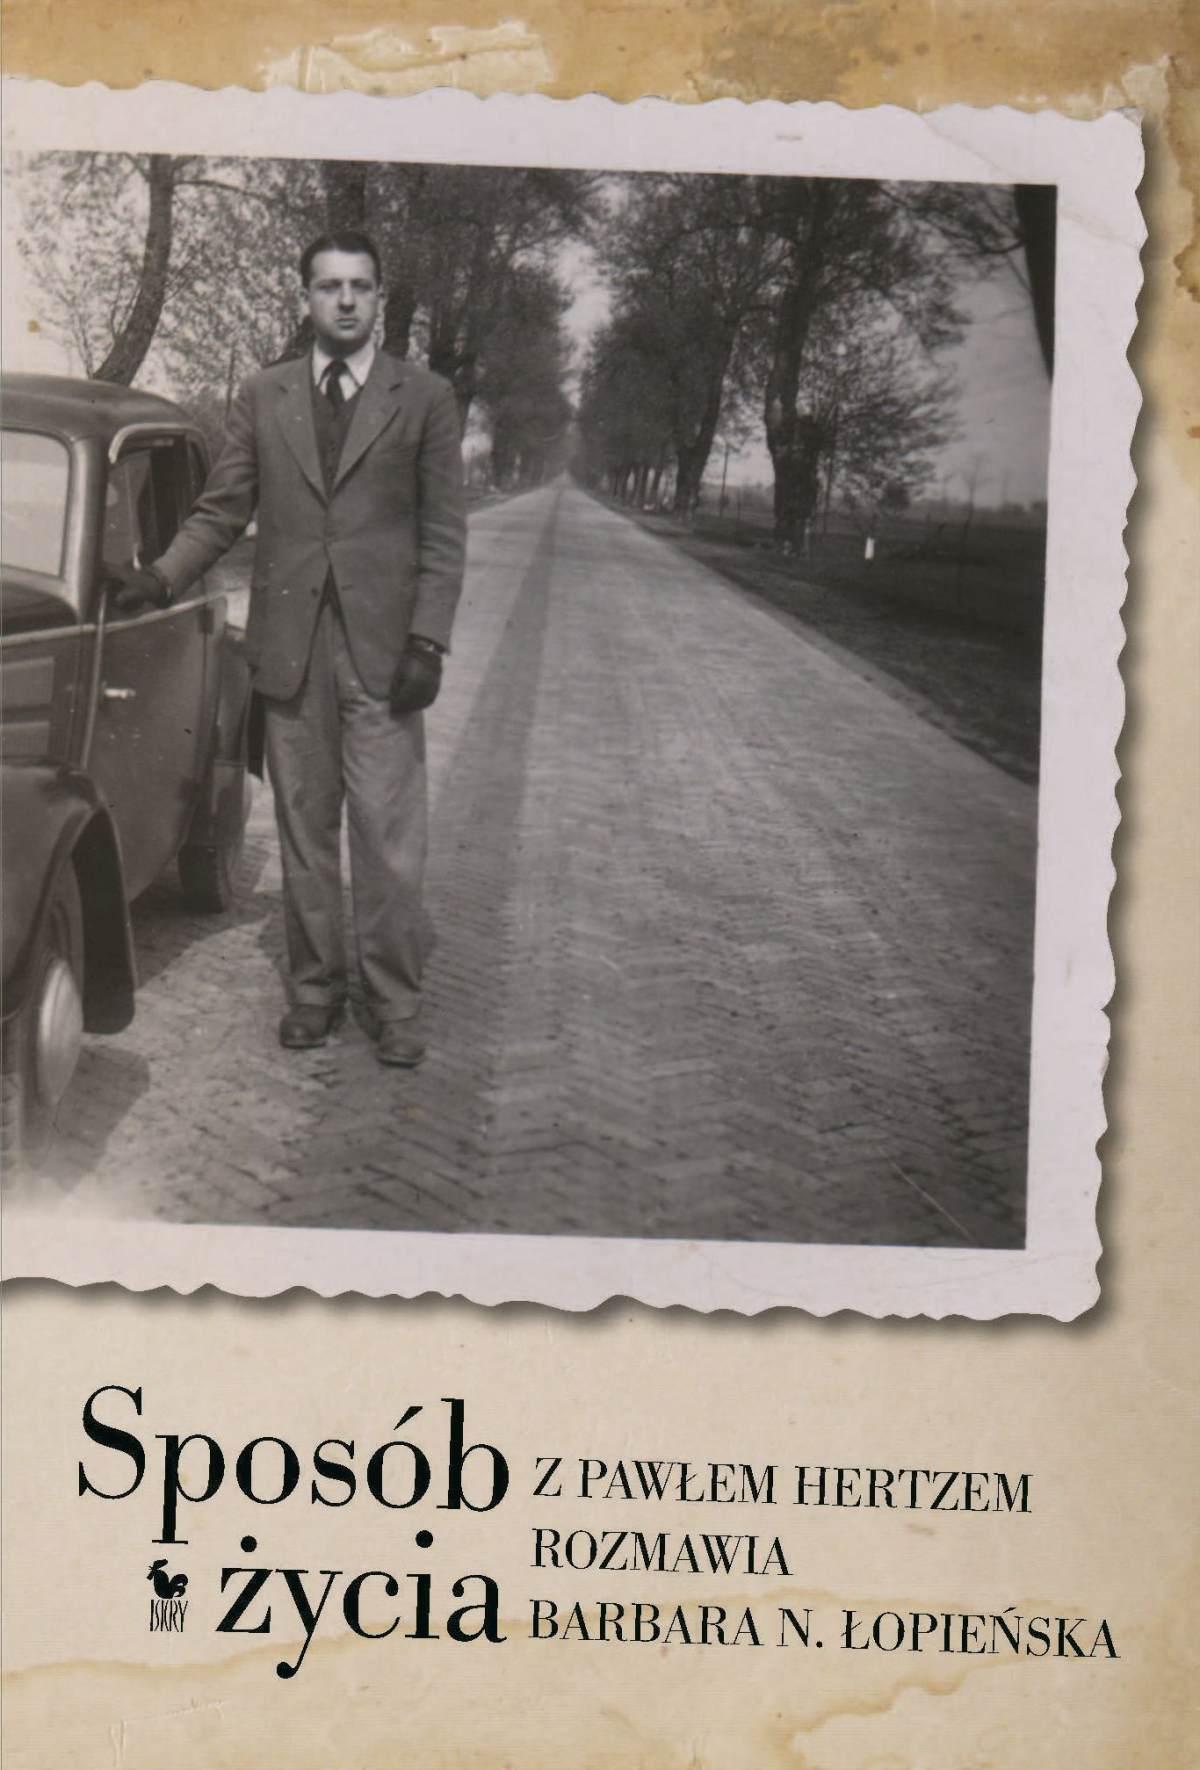 Sposób życia. Z Pawłem Hertzem rozmawia Barbara N. Łopieńska - Ebook (Książka EPUB) do pobrania w formacie EPUB